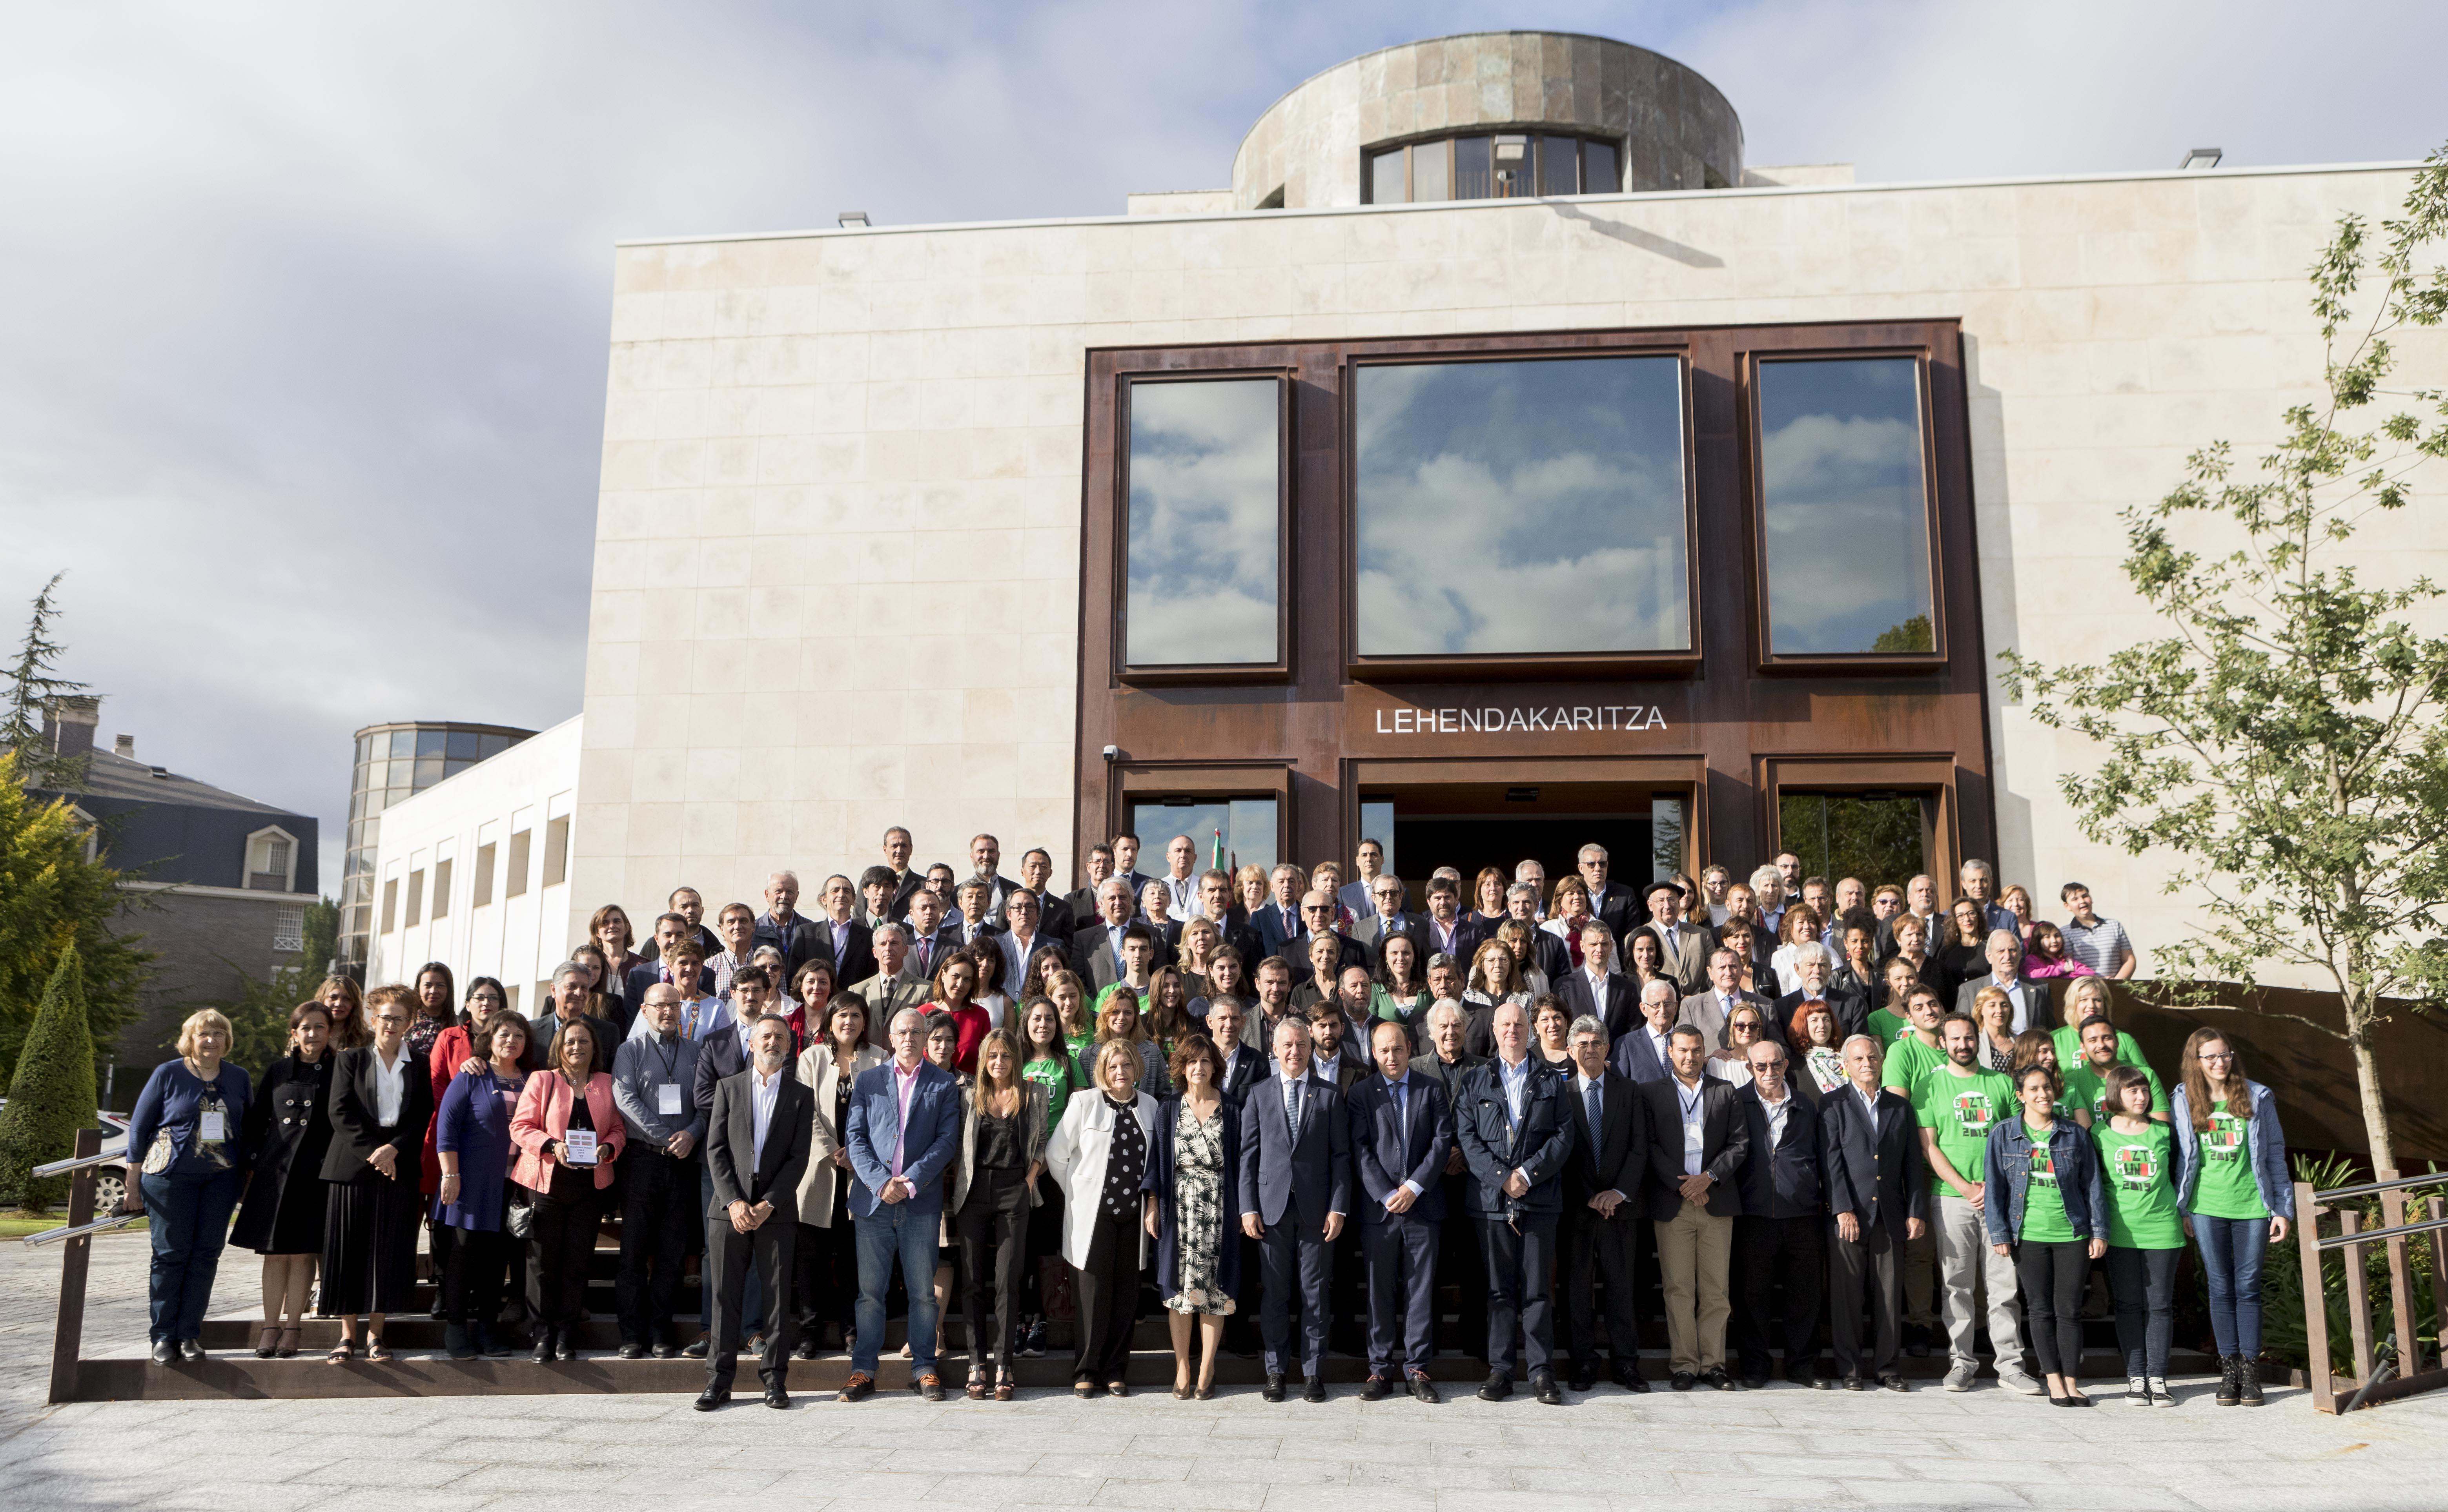 El Lehendakari clausura el VII Congreso Mundial de Colectividades Vascas